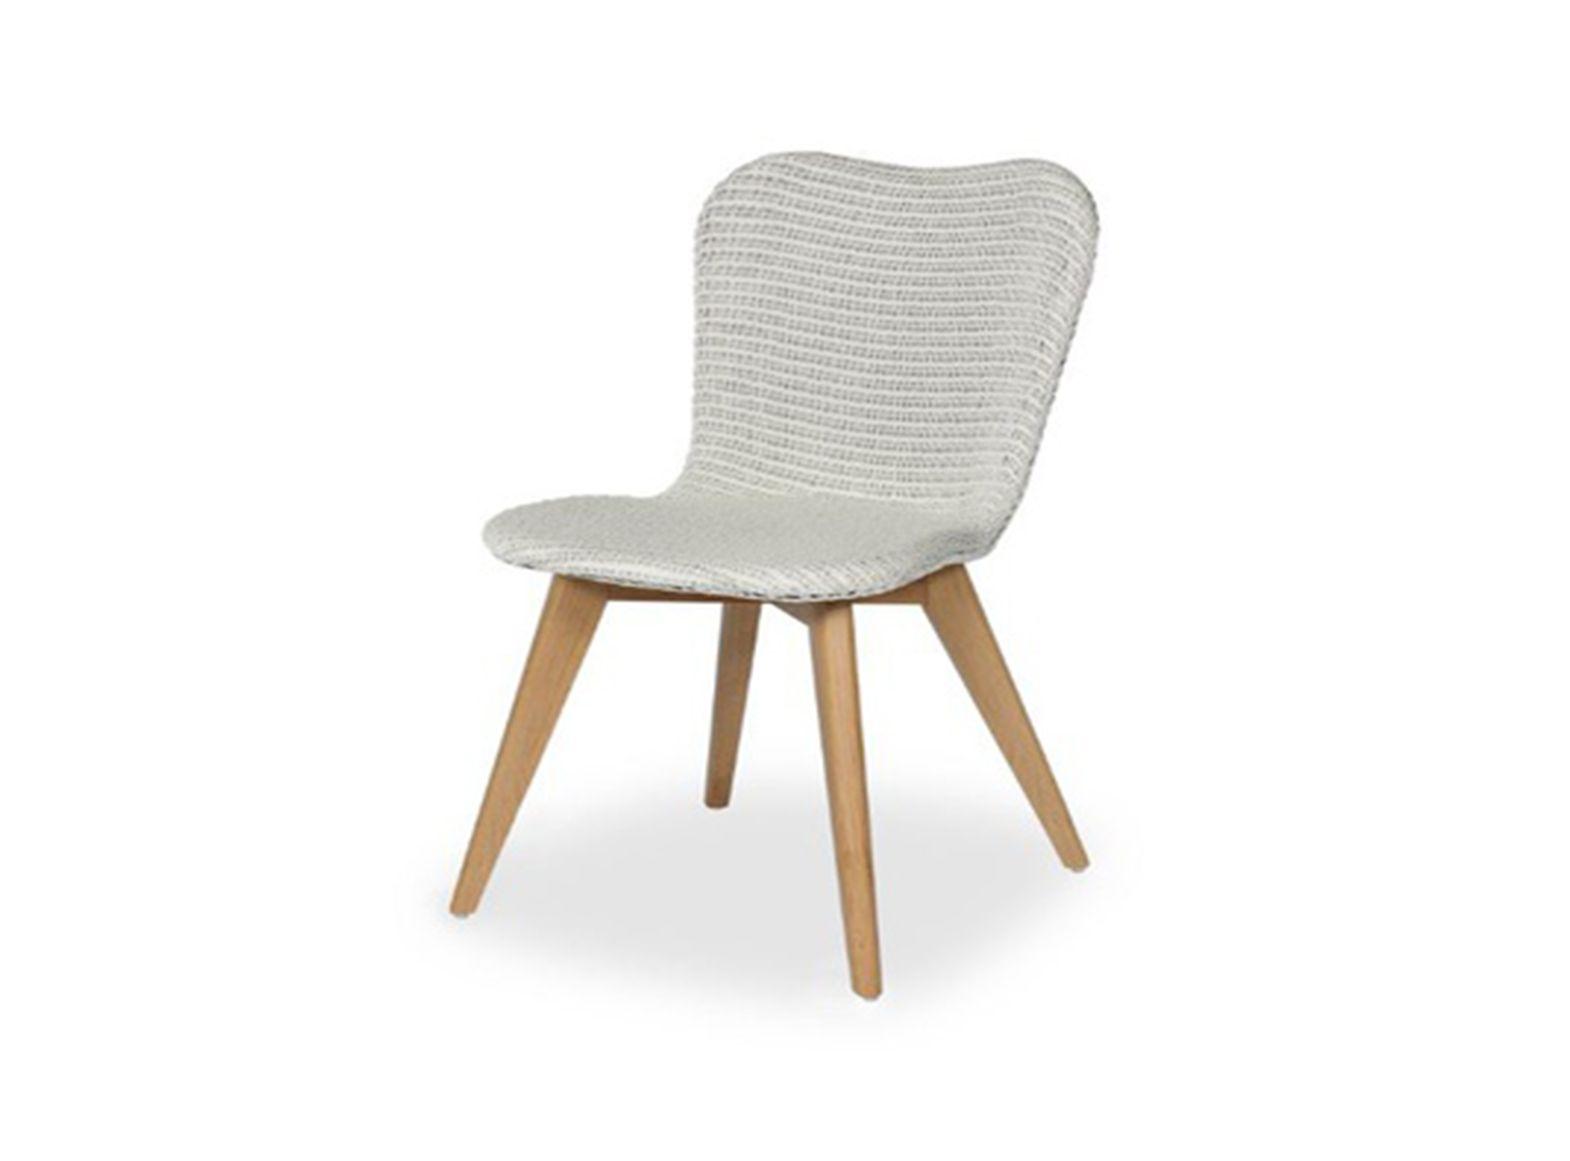 chaise de repas vincent sheppard lily oak. Black Bedroom Furniture Sets. Home Design Ideas